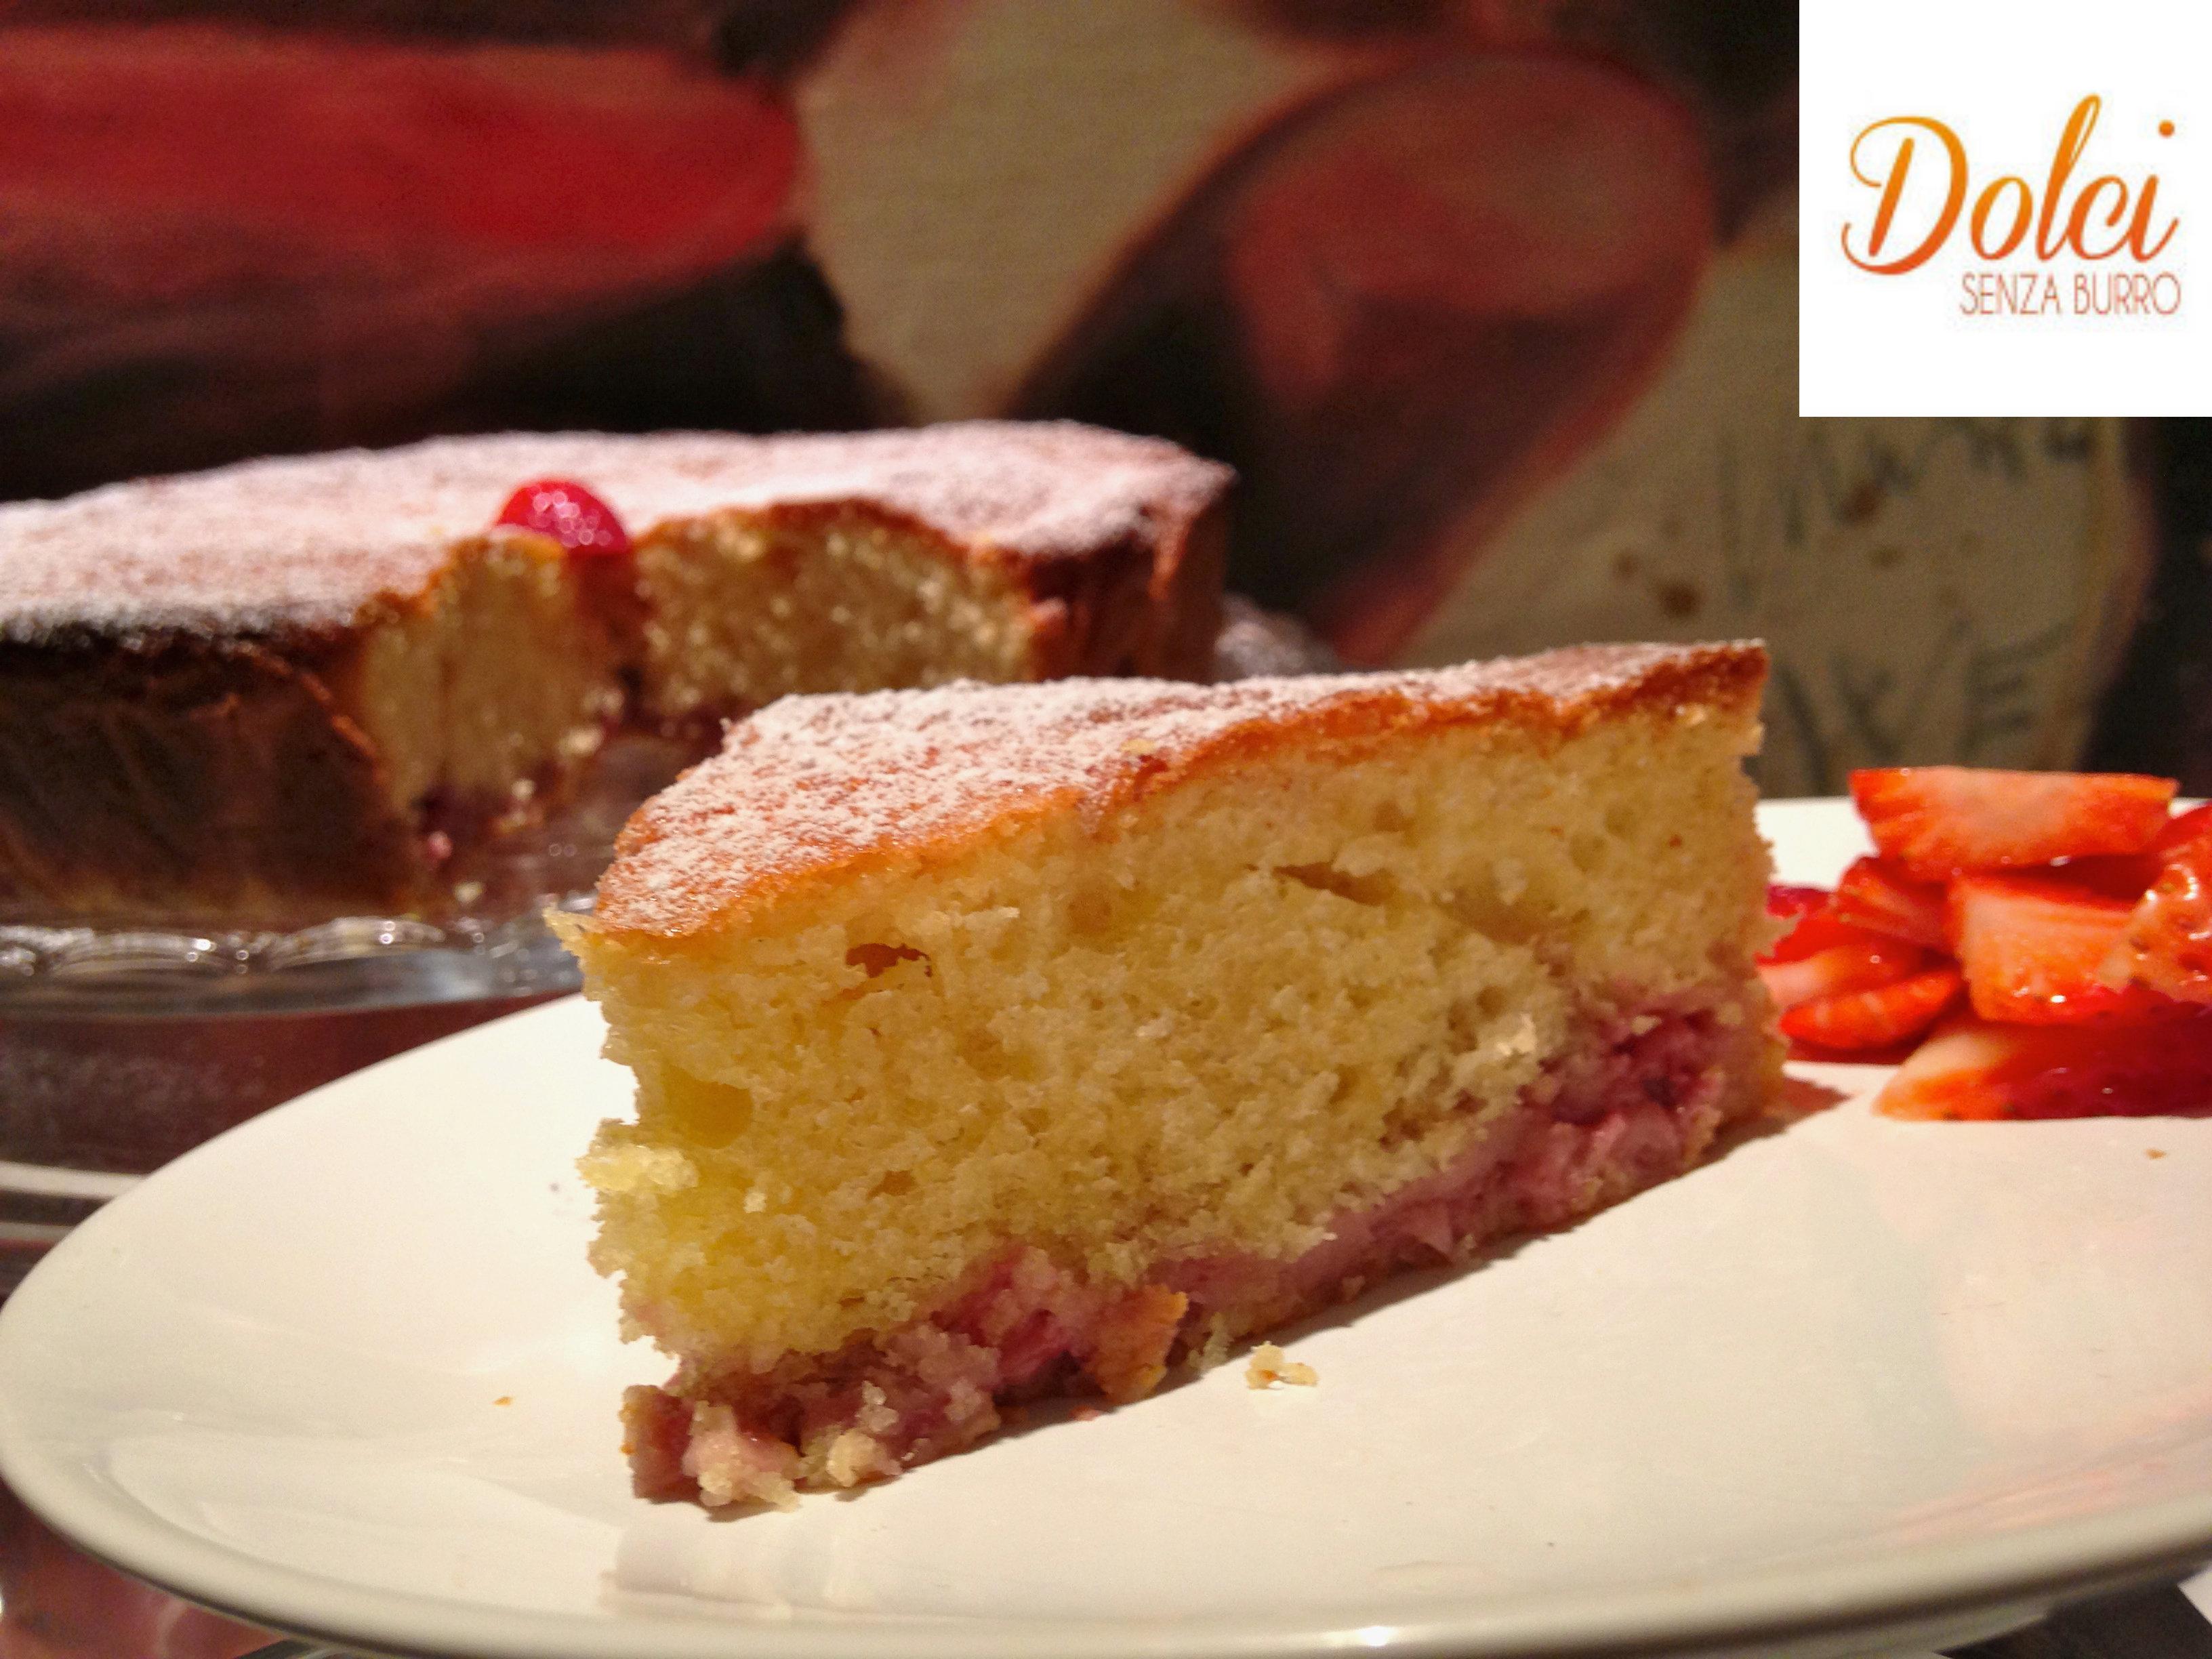 Torta alle Fragole Senza Burro , il dolce senza lattosio goloso di dolci senza burro